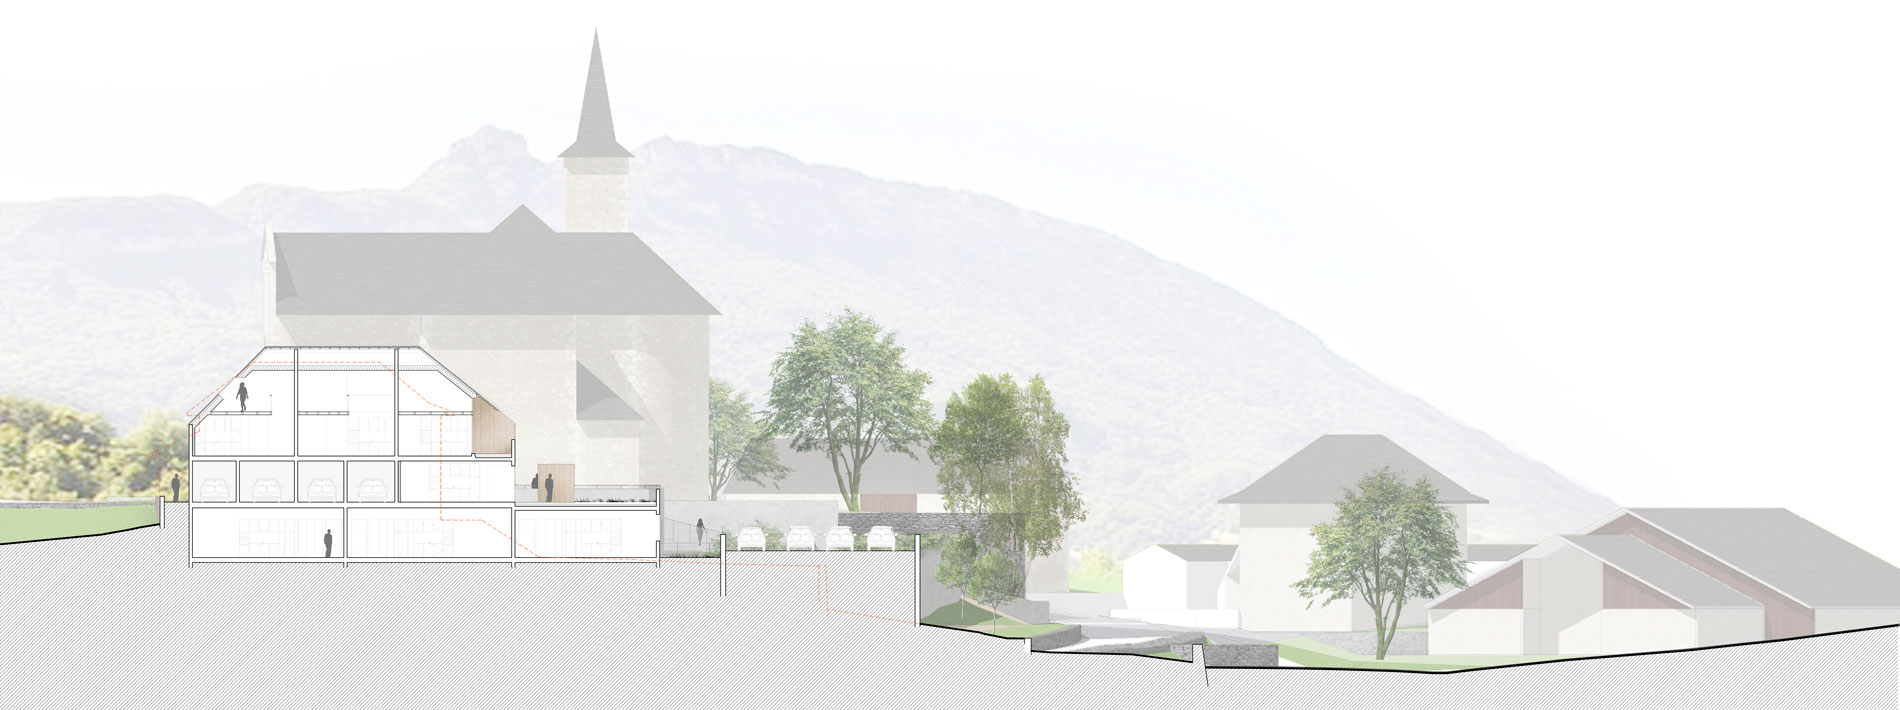 concours-saint-sulpice-savoie-logements-chef-lieu-habitat-dans-la-pente-coupe-2